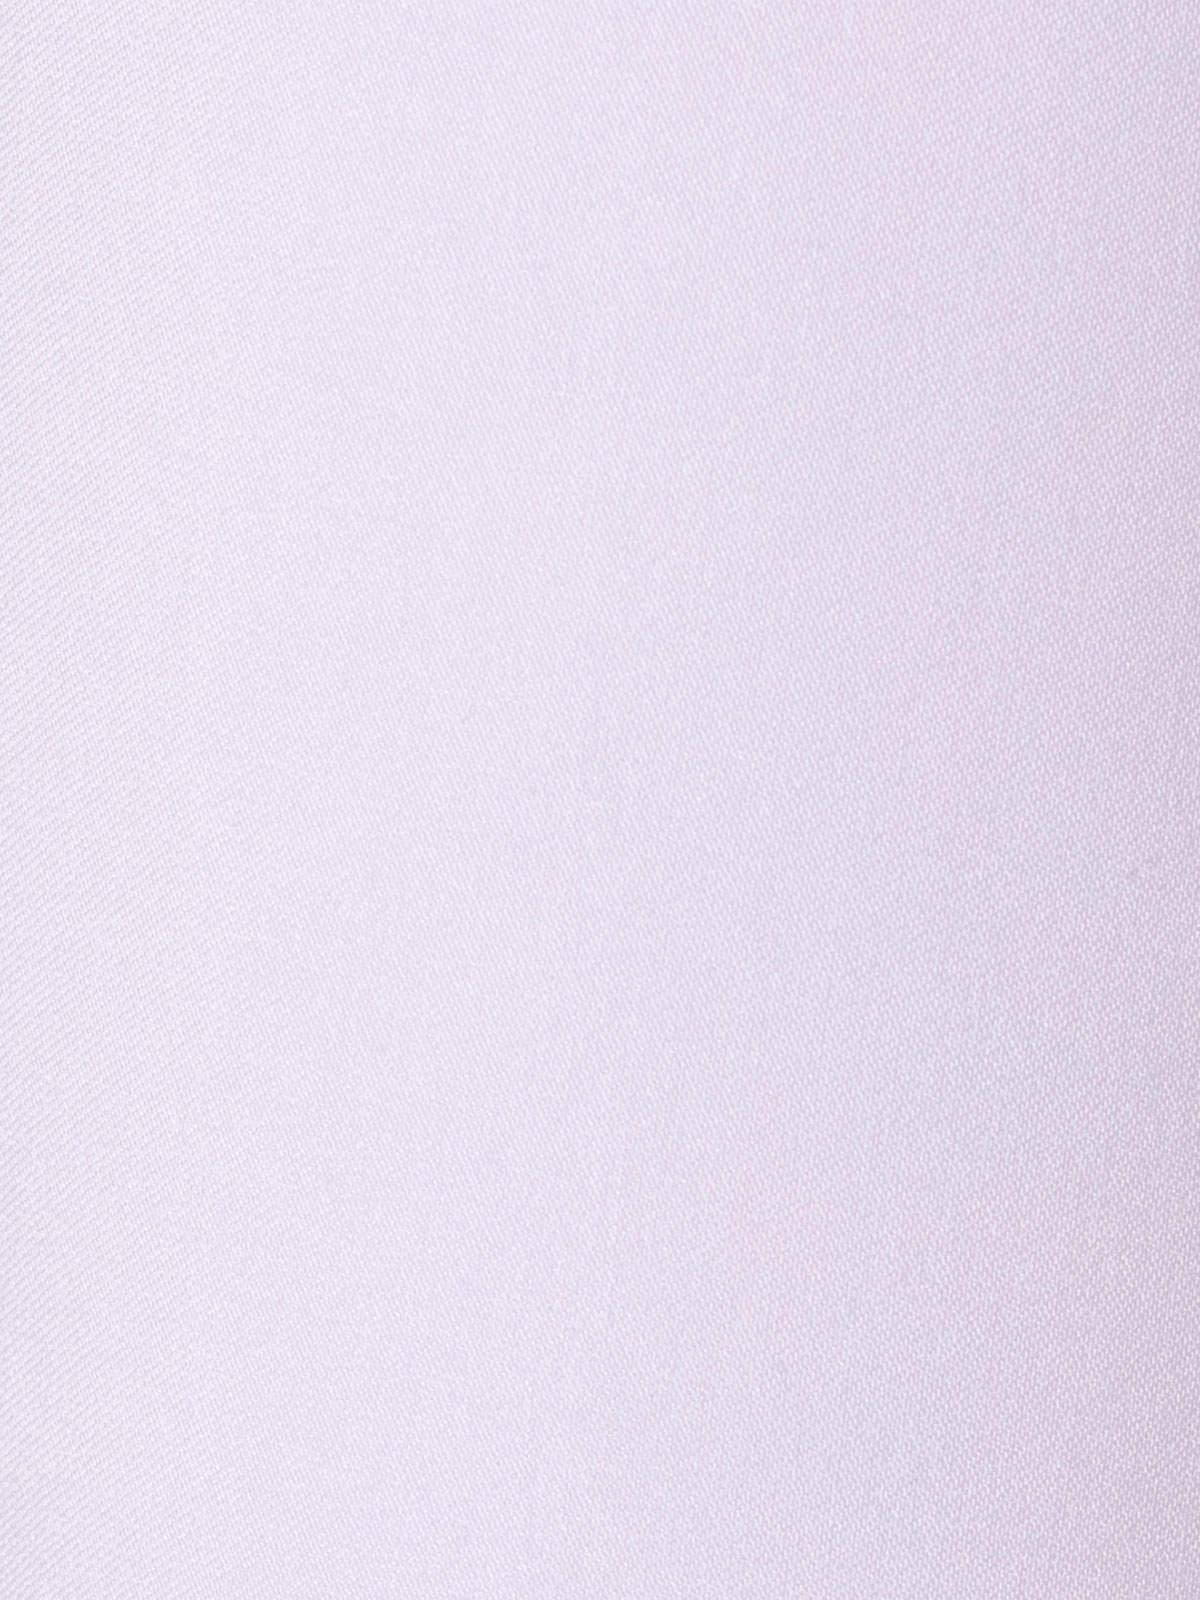 Pantalón mujer elástico confort bolsillos Blanco